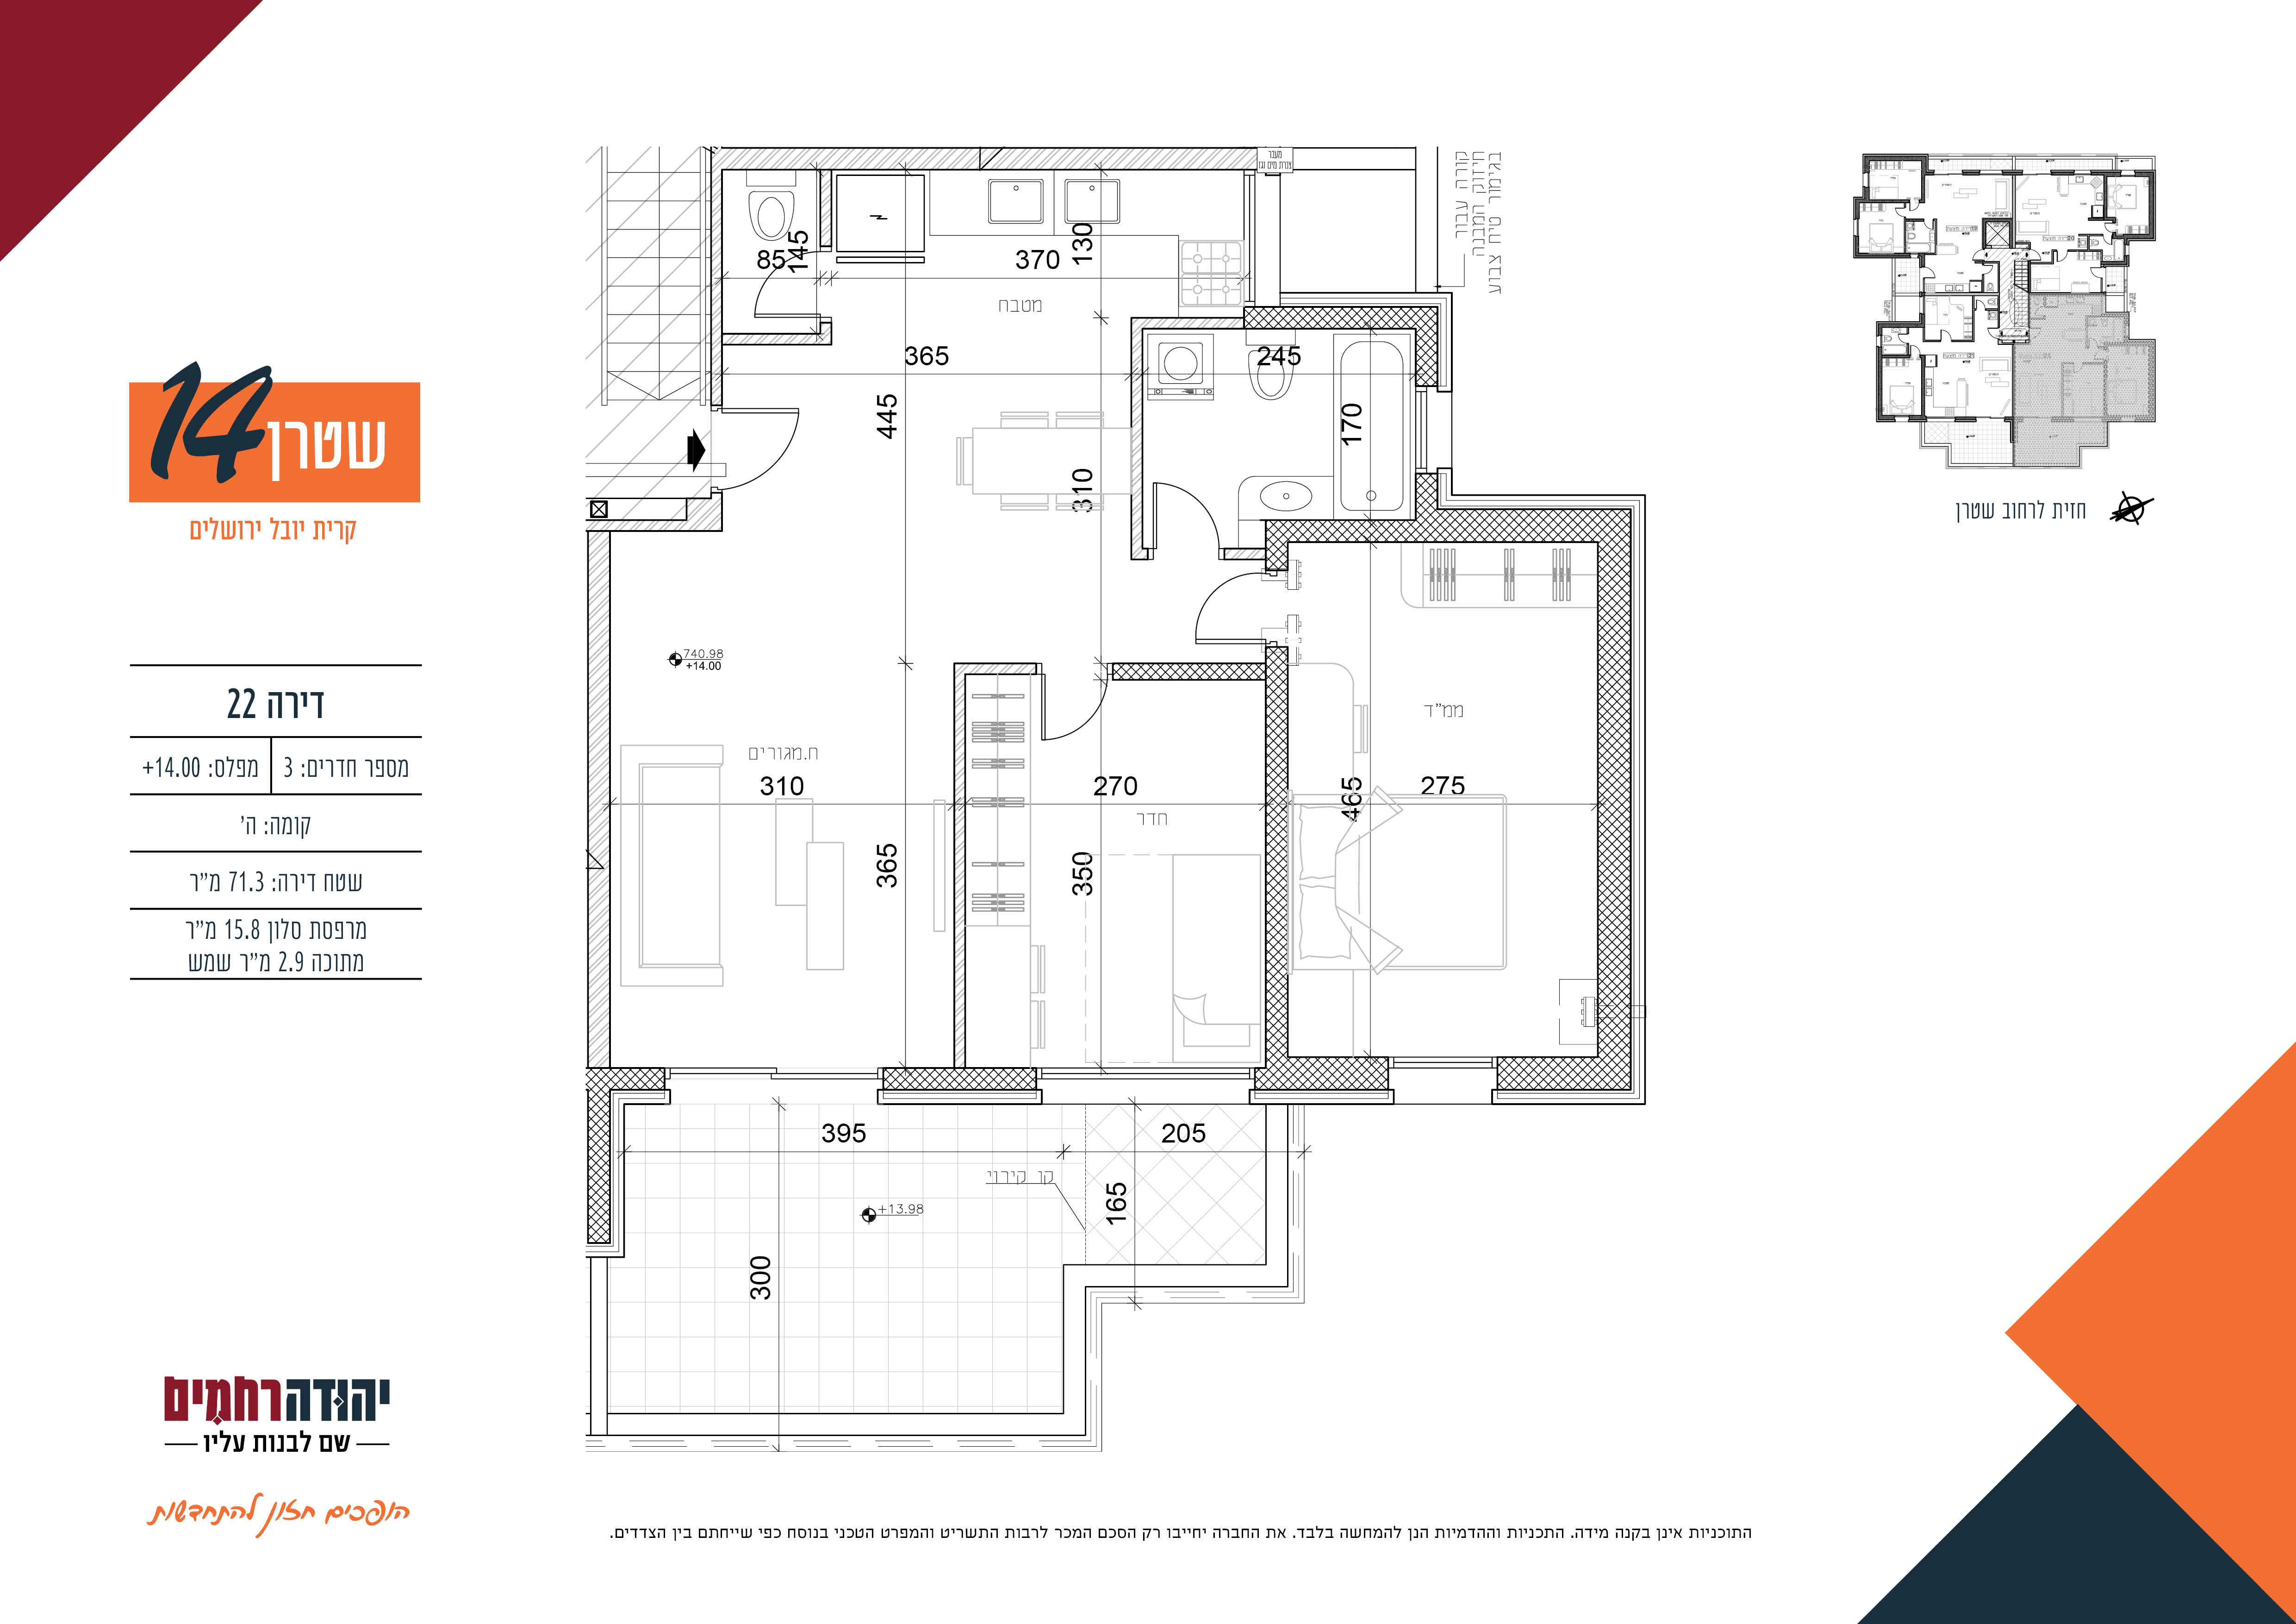 דירה-22 שטרן 14